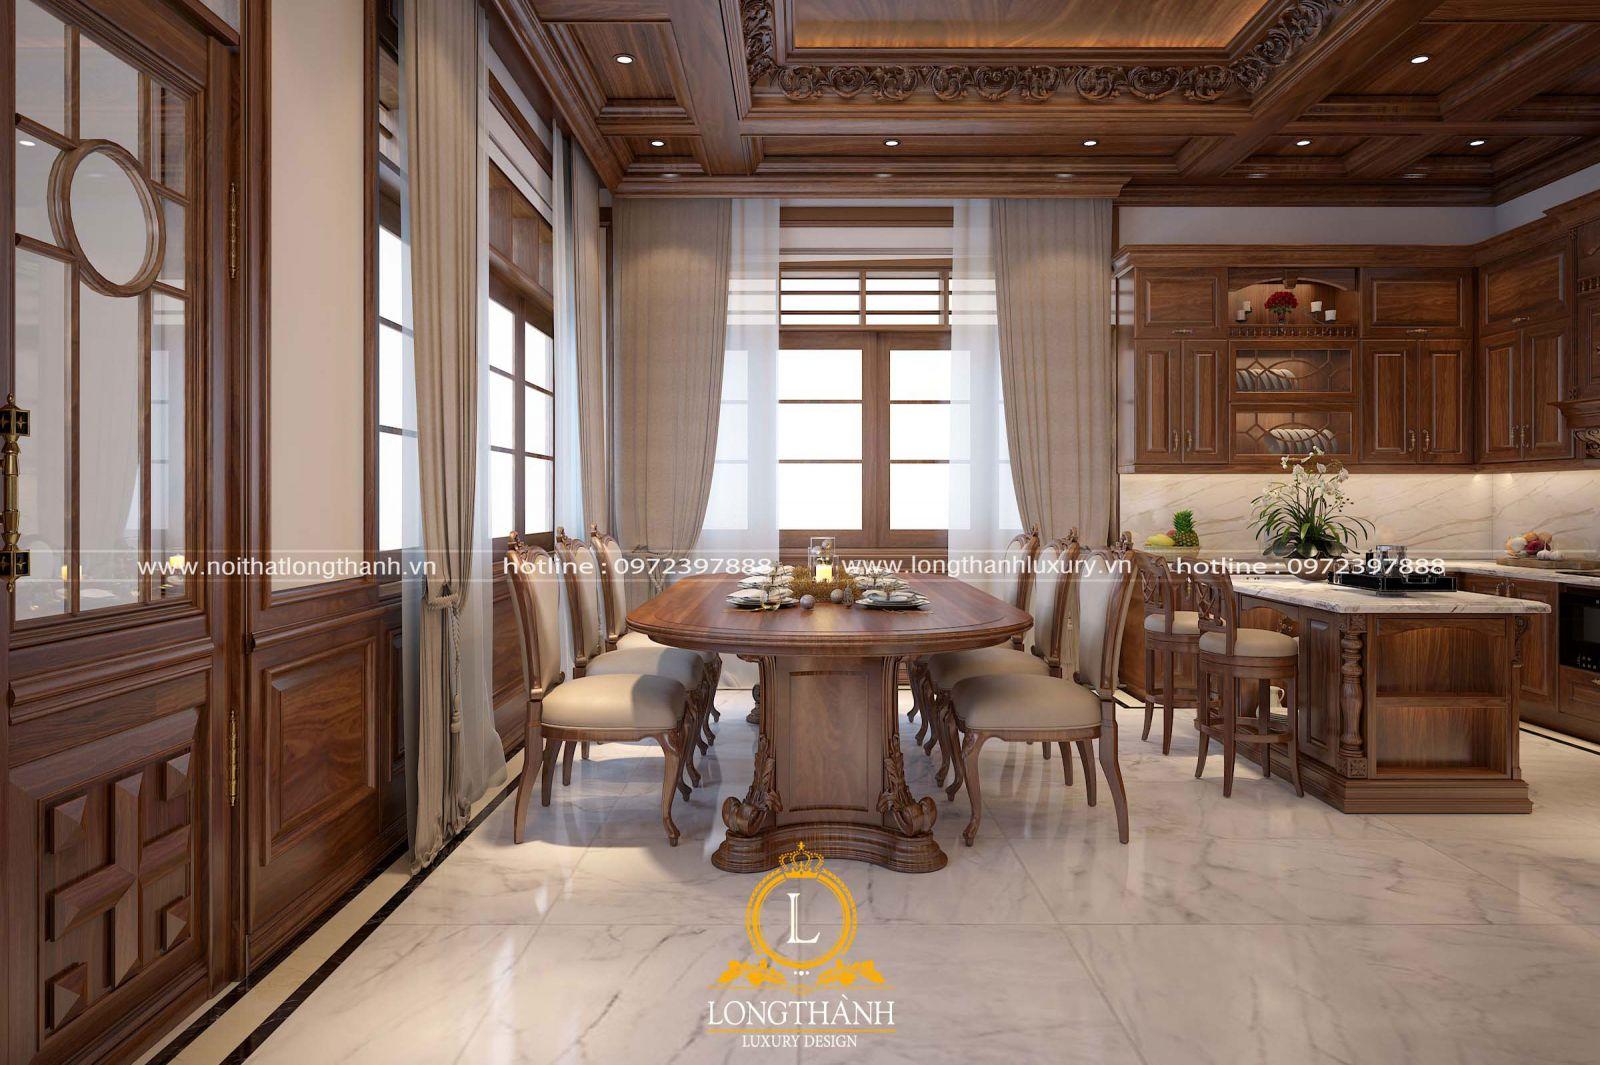 Không gian phòng bếp tân cổ điển với nhẹ nhàng tự nhiên mà ấm áp